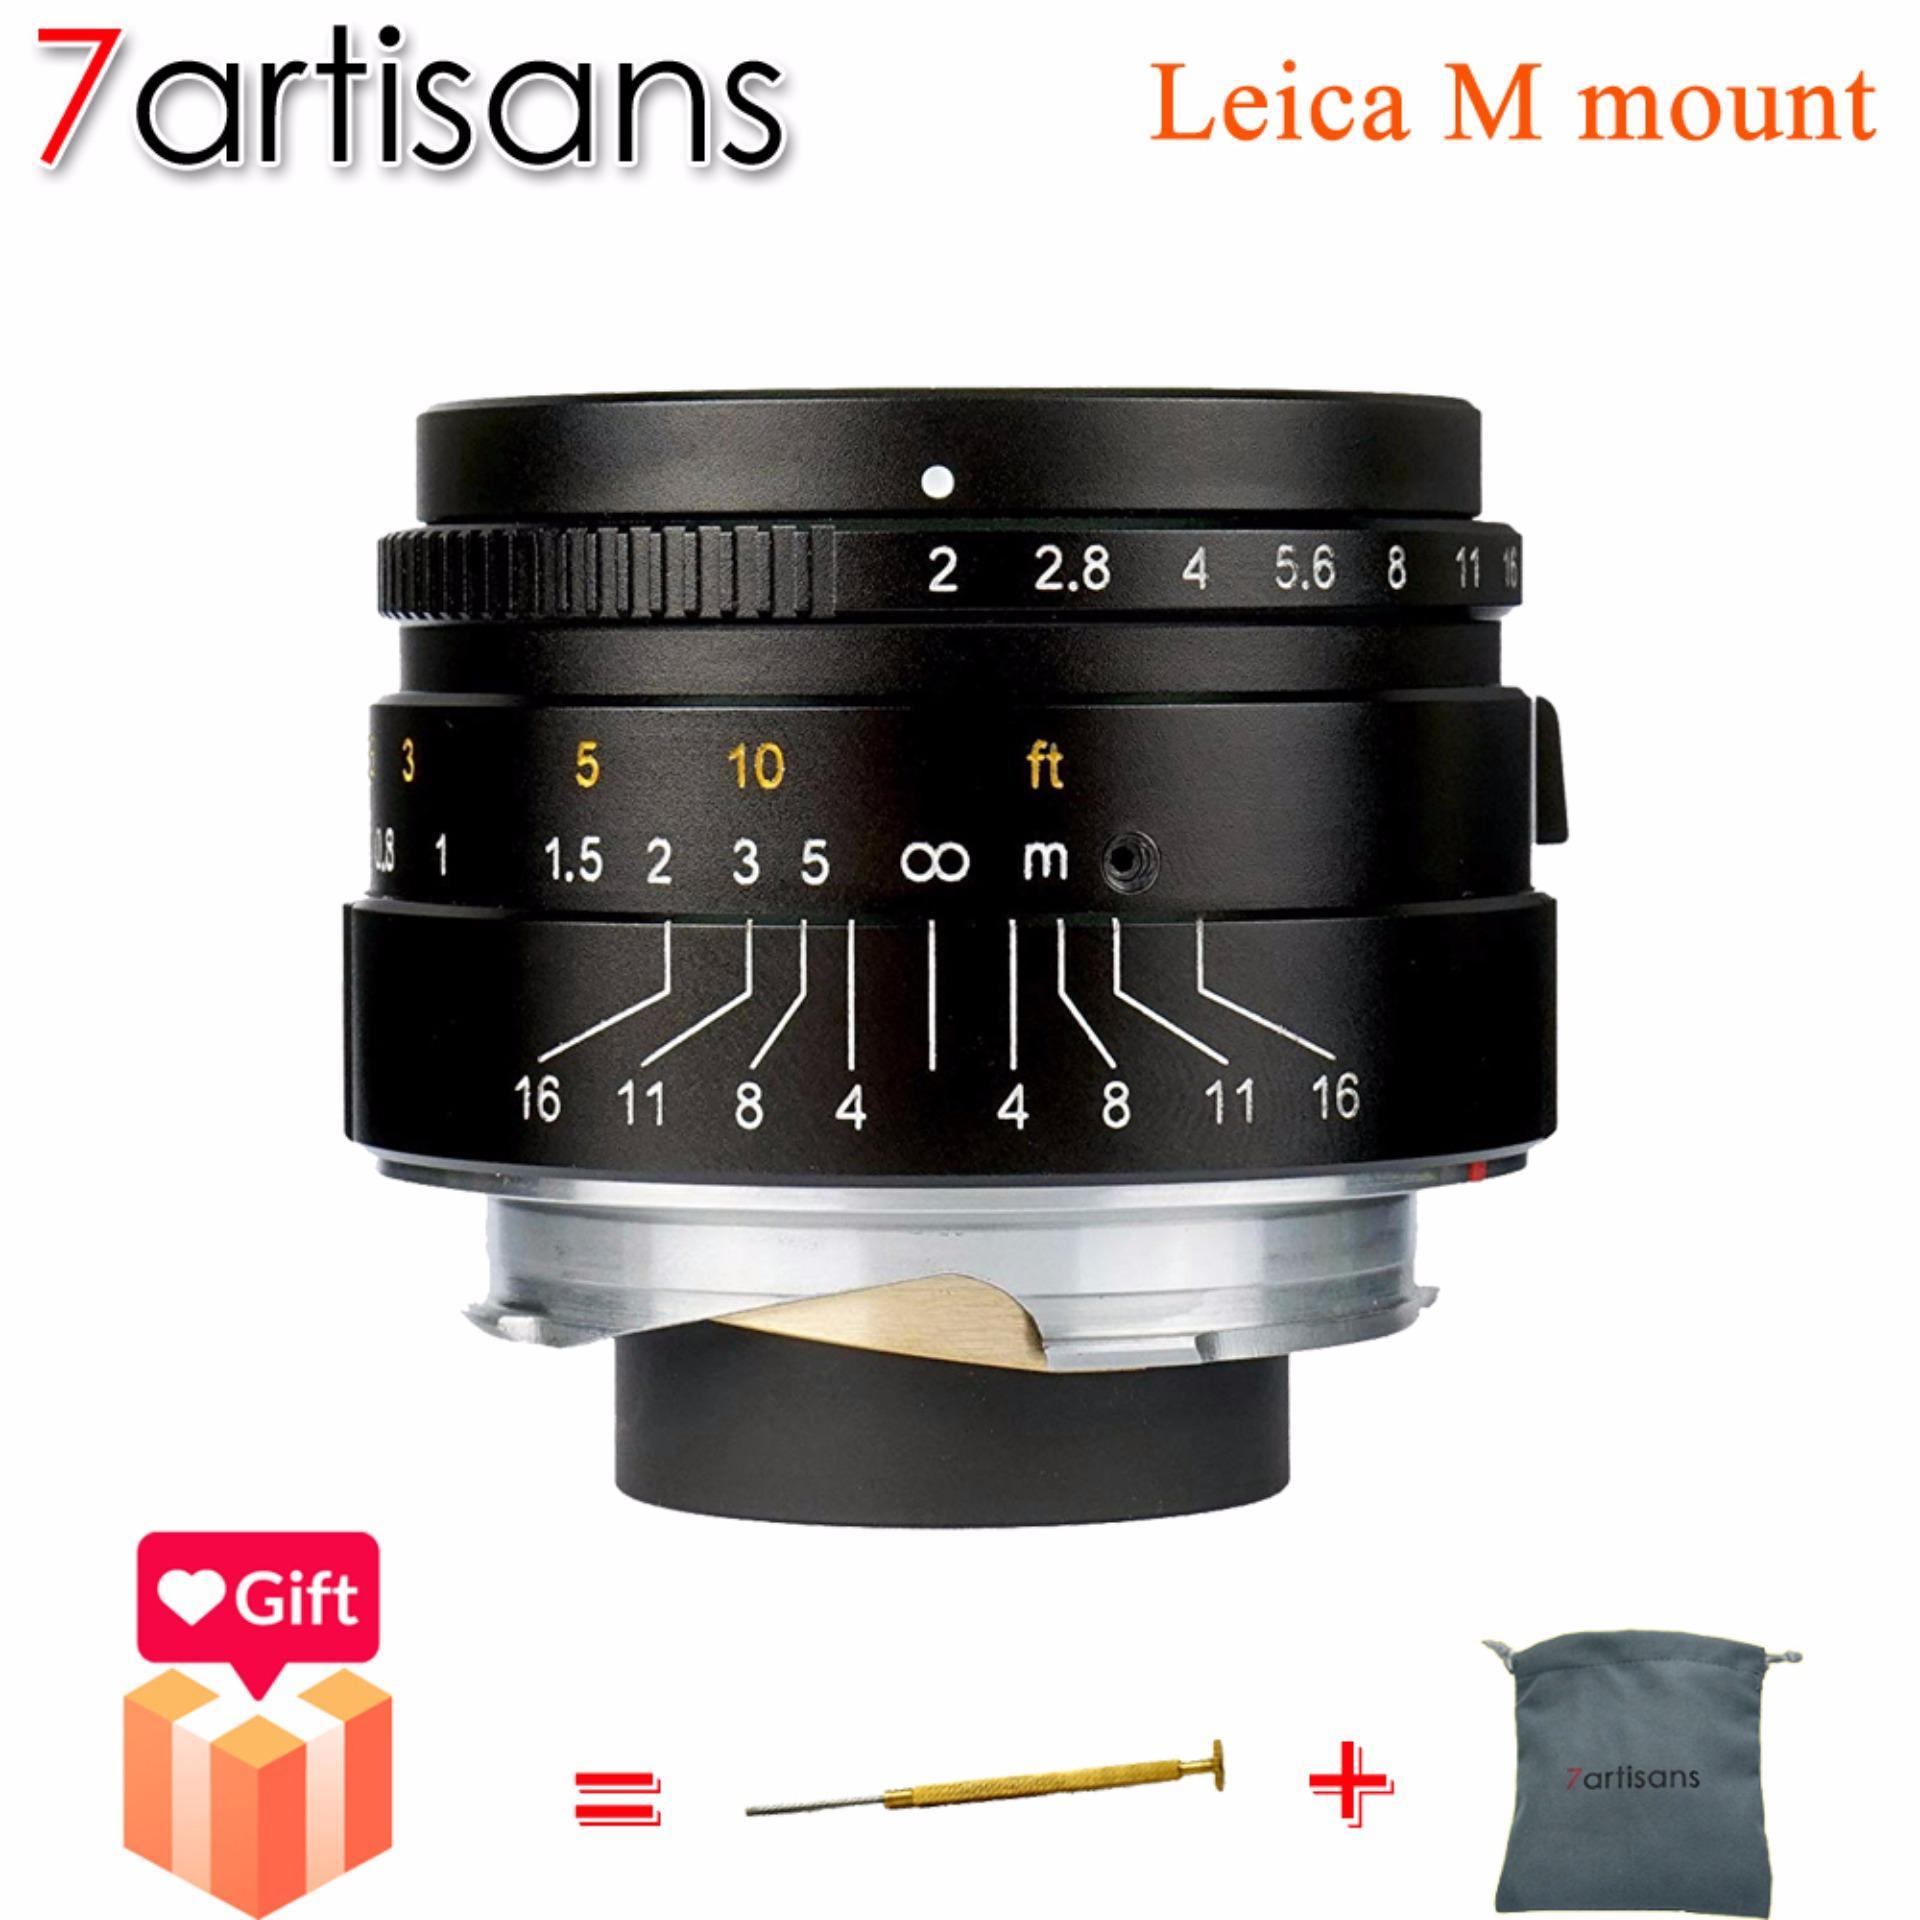 7artisans 35mm F2.0 Leica M Mount Fixed Lens for Leica M-Mount Cameras Like Leica M-M Leica M240 Leica M3 Leica M6 Leica M7 Leica M8 Leica M9 Leica M9p Leica M10 (Black)